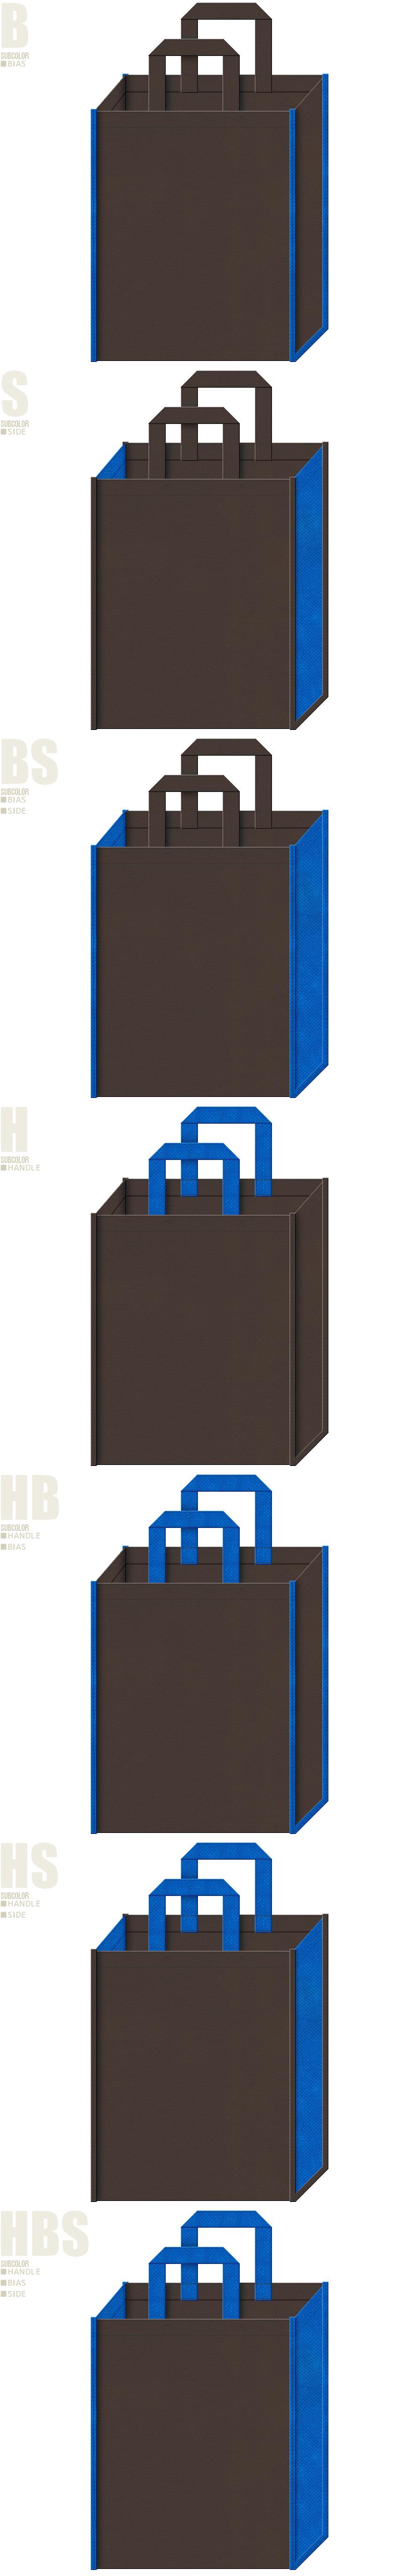 不織布トートバッグのデザイン例-不織布メインカラーNo.40+サブカラーNo.22の2色7パターン